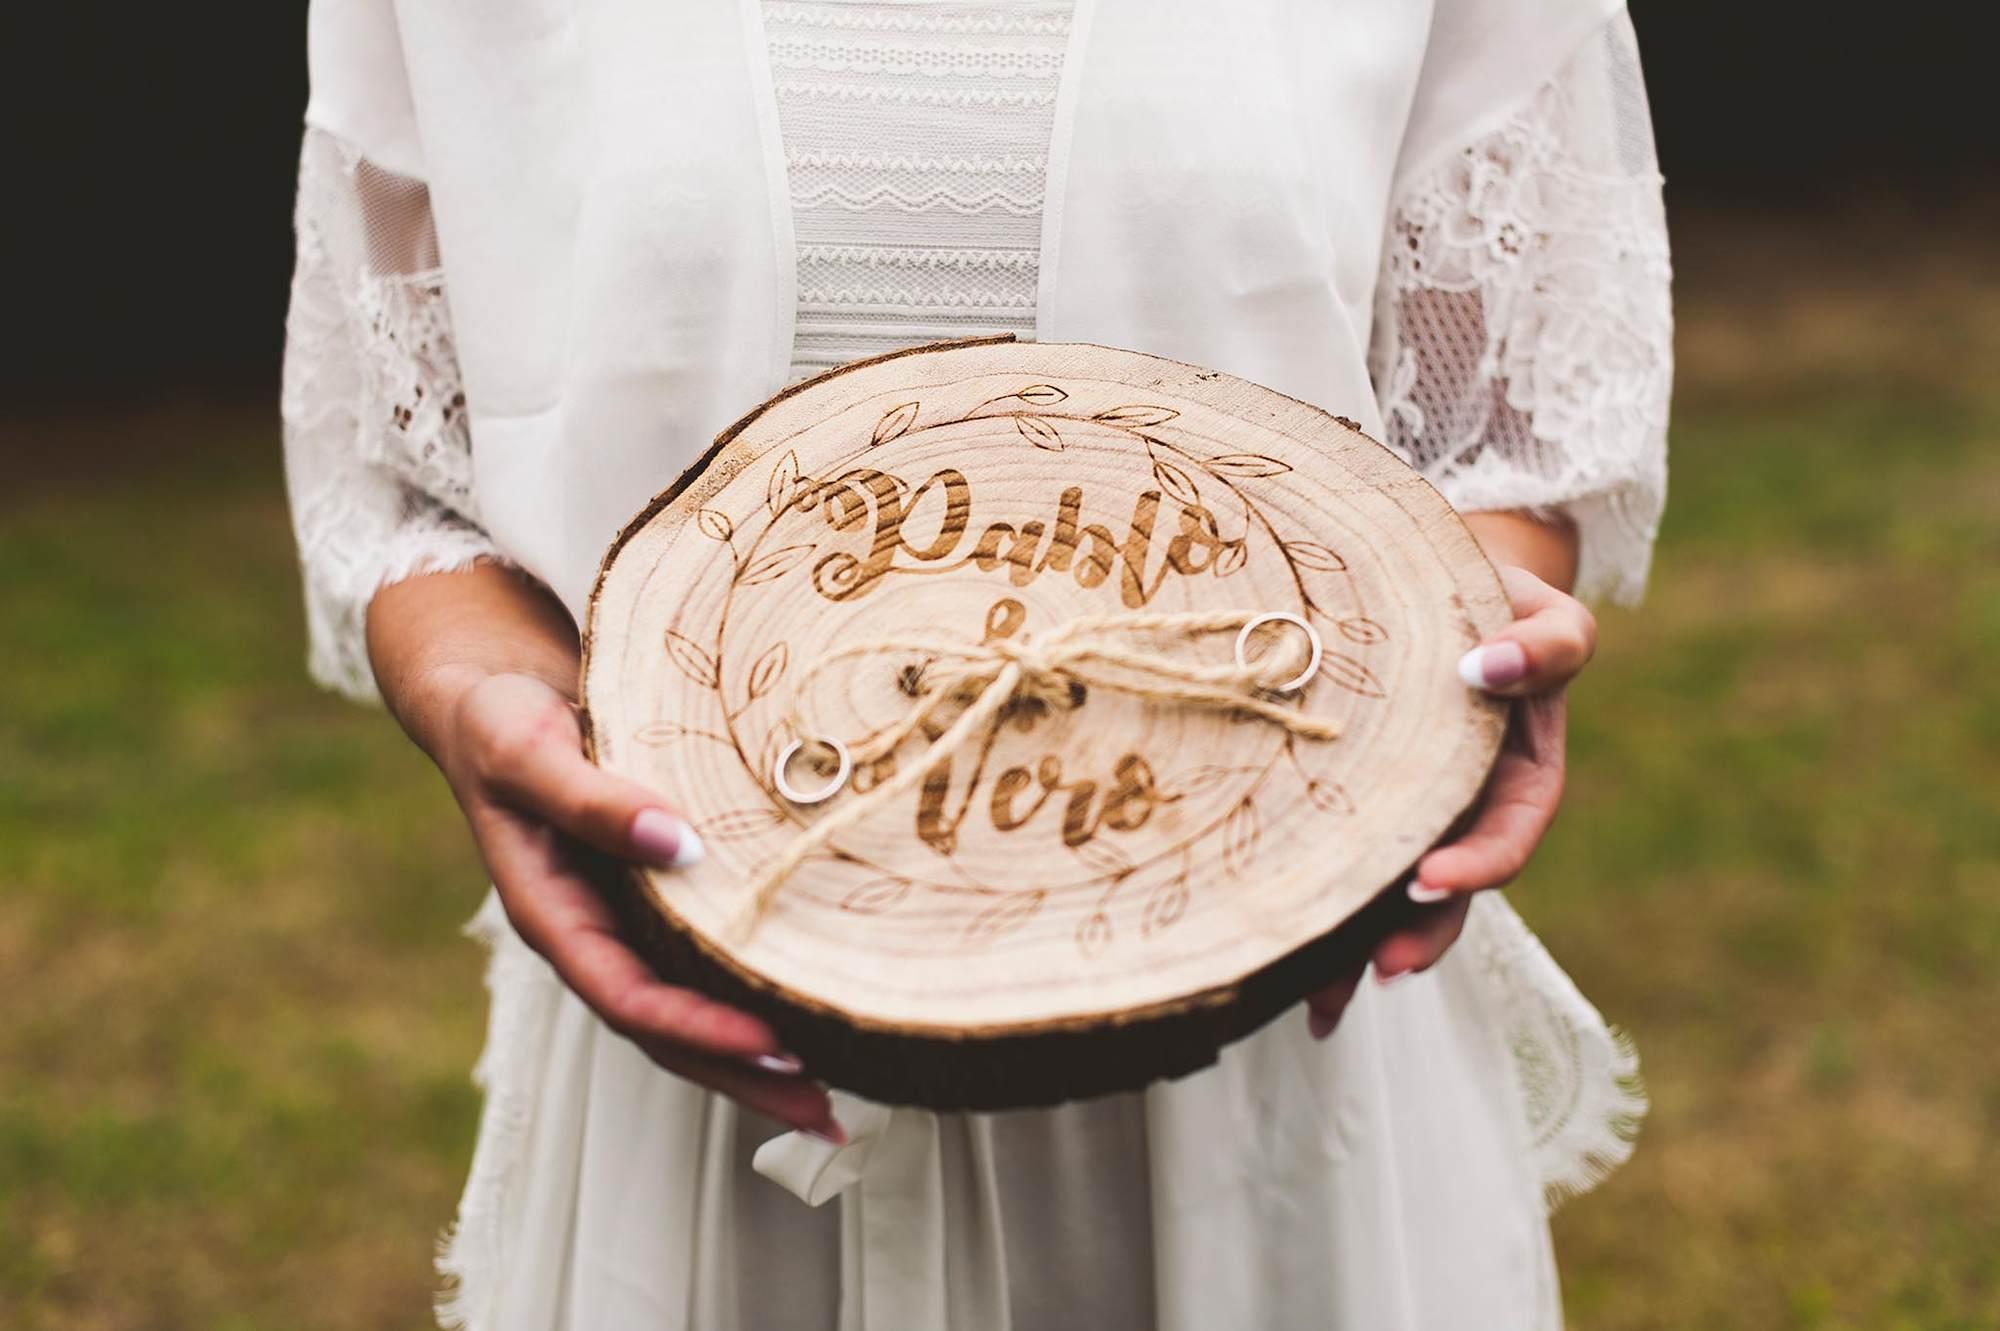 La novia sujetando el portaalianzas, con el logo de la boda tallado en madera.